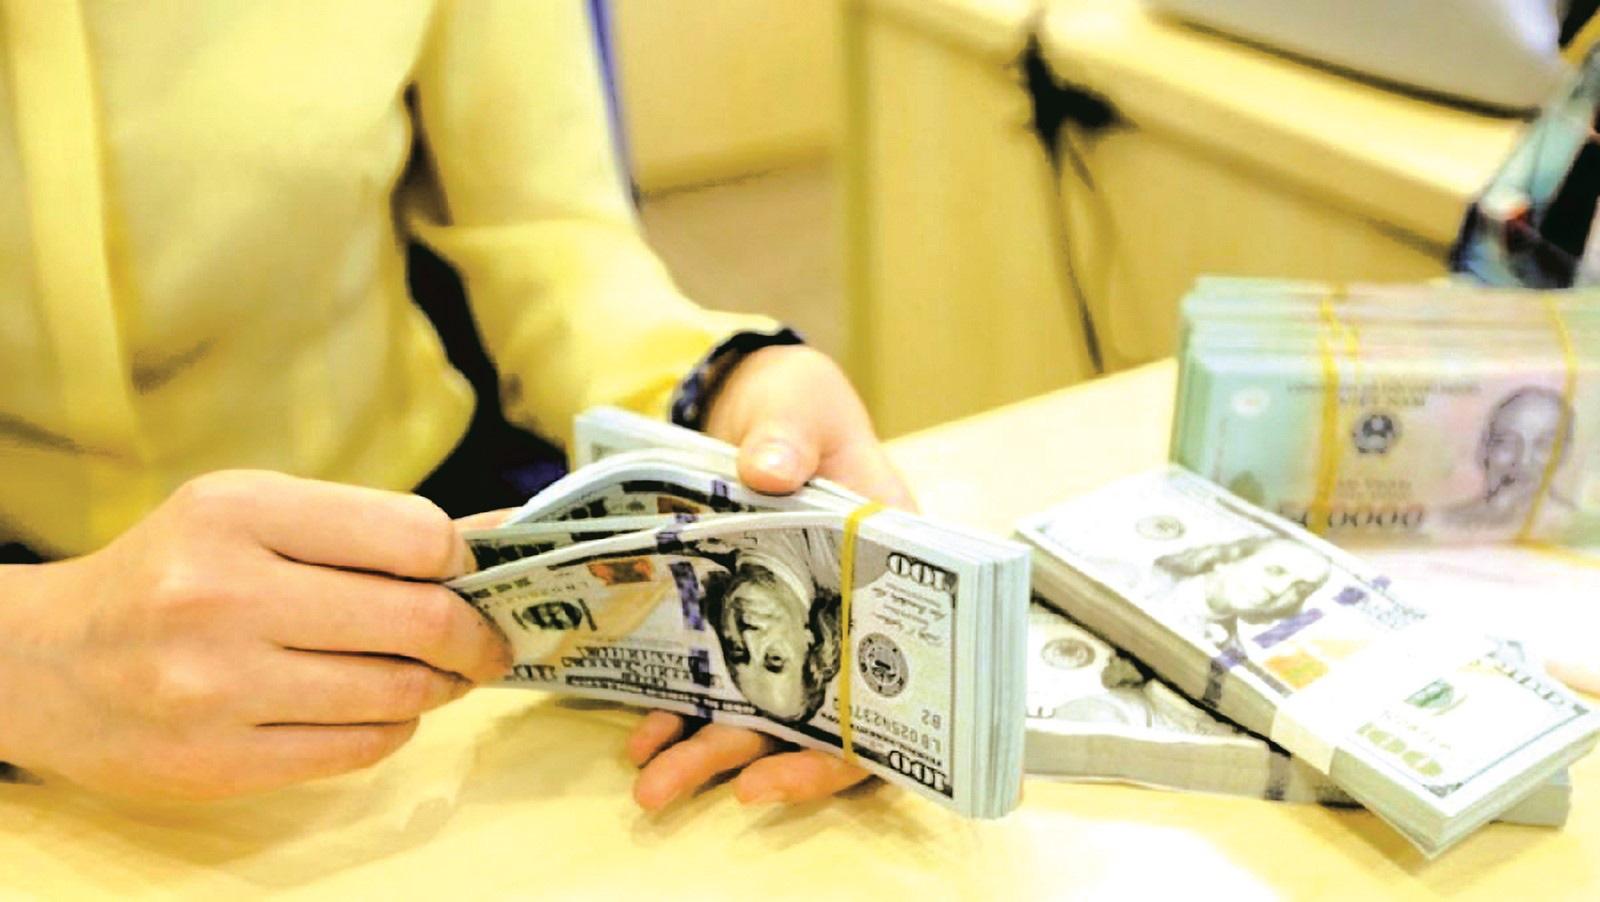 Vay 5 vạn tỷ USD, Vingroup của tỷ phú Phạm Nhật Vượng hưởng lợi khi VND lên giá? - Ảnh 1.